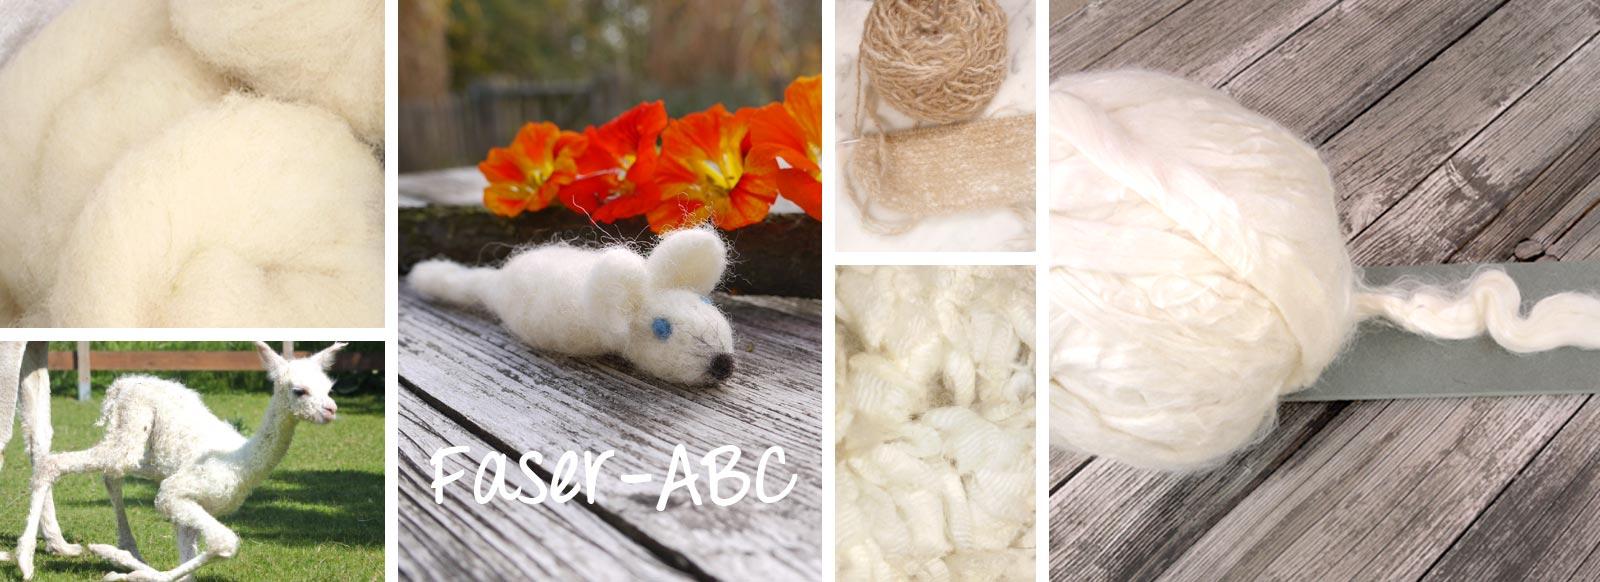 Faser-ABC Alpakas, Seide, Merinowolle und co